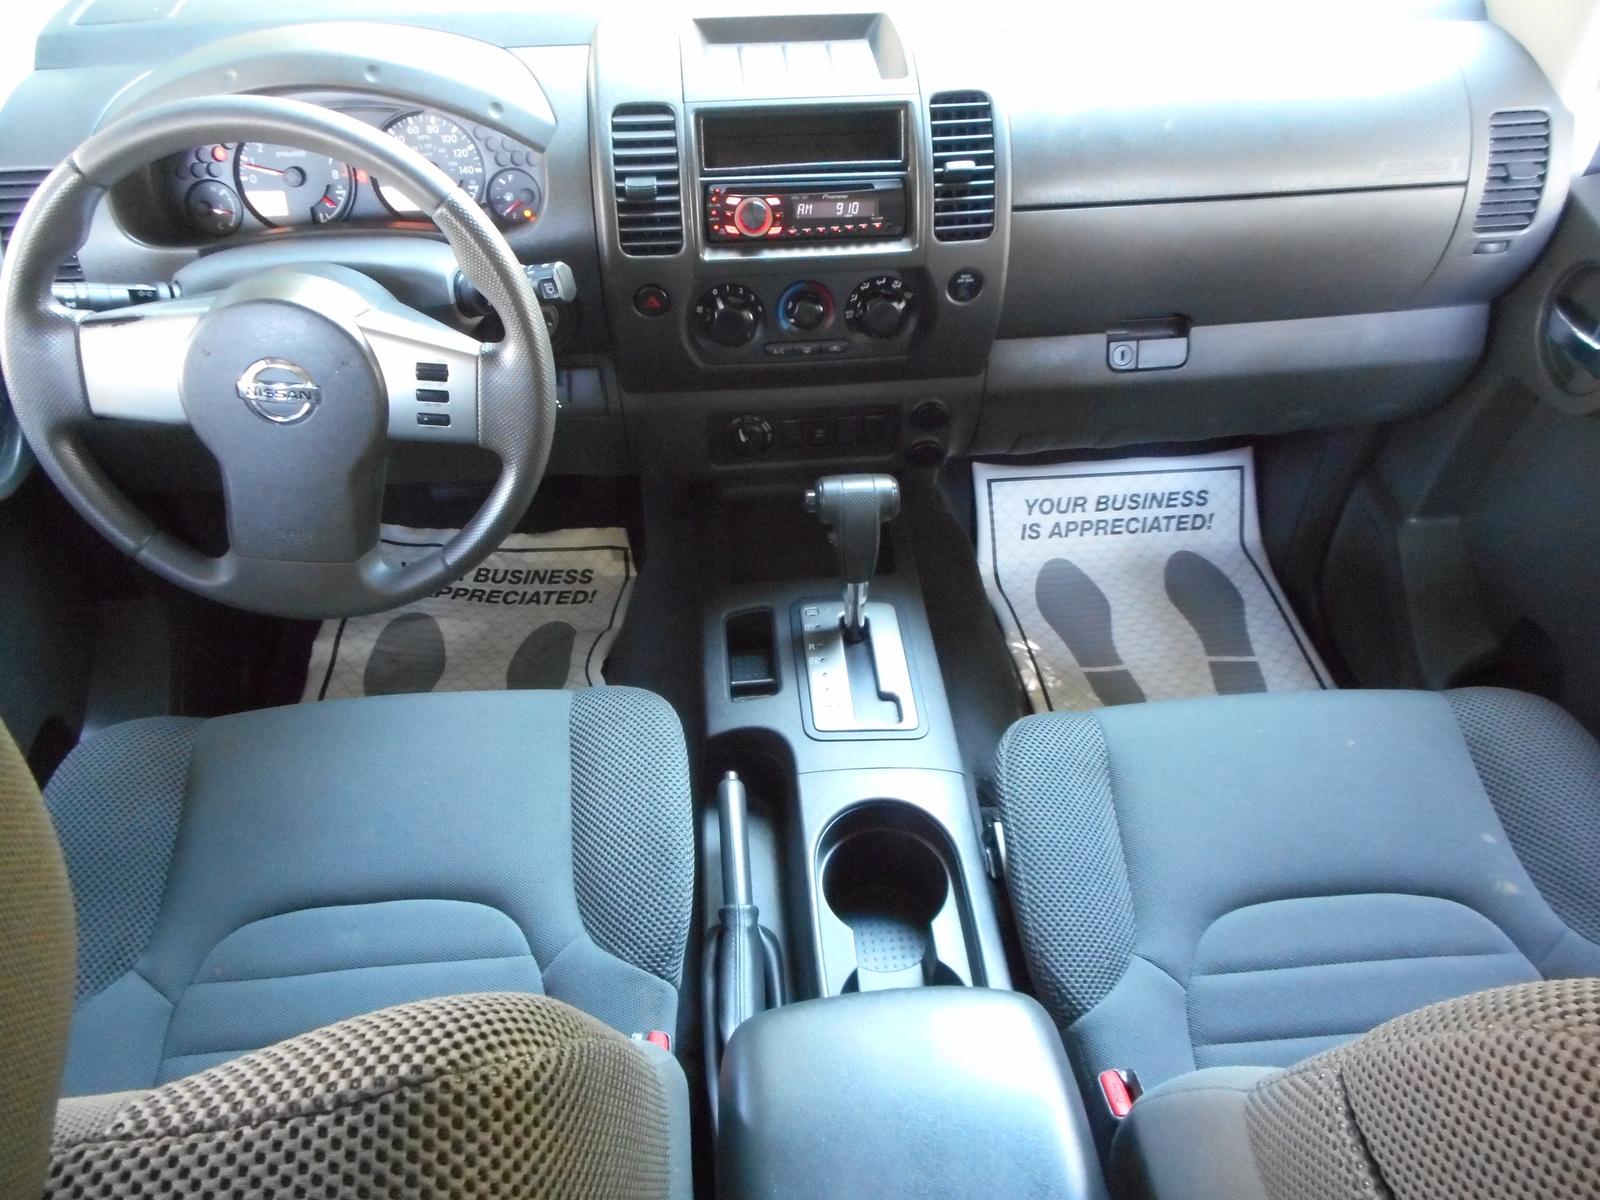 2007 nissan xterra interior pictures cargurus